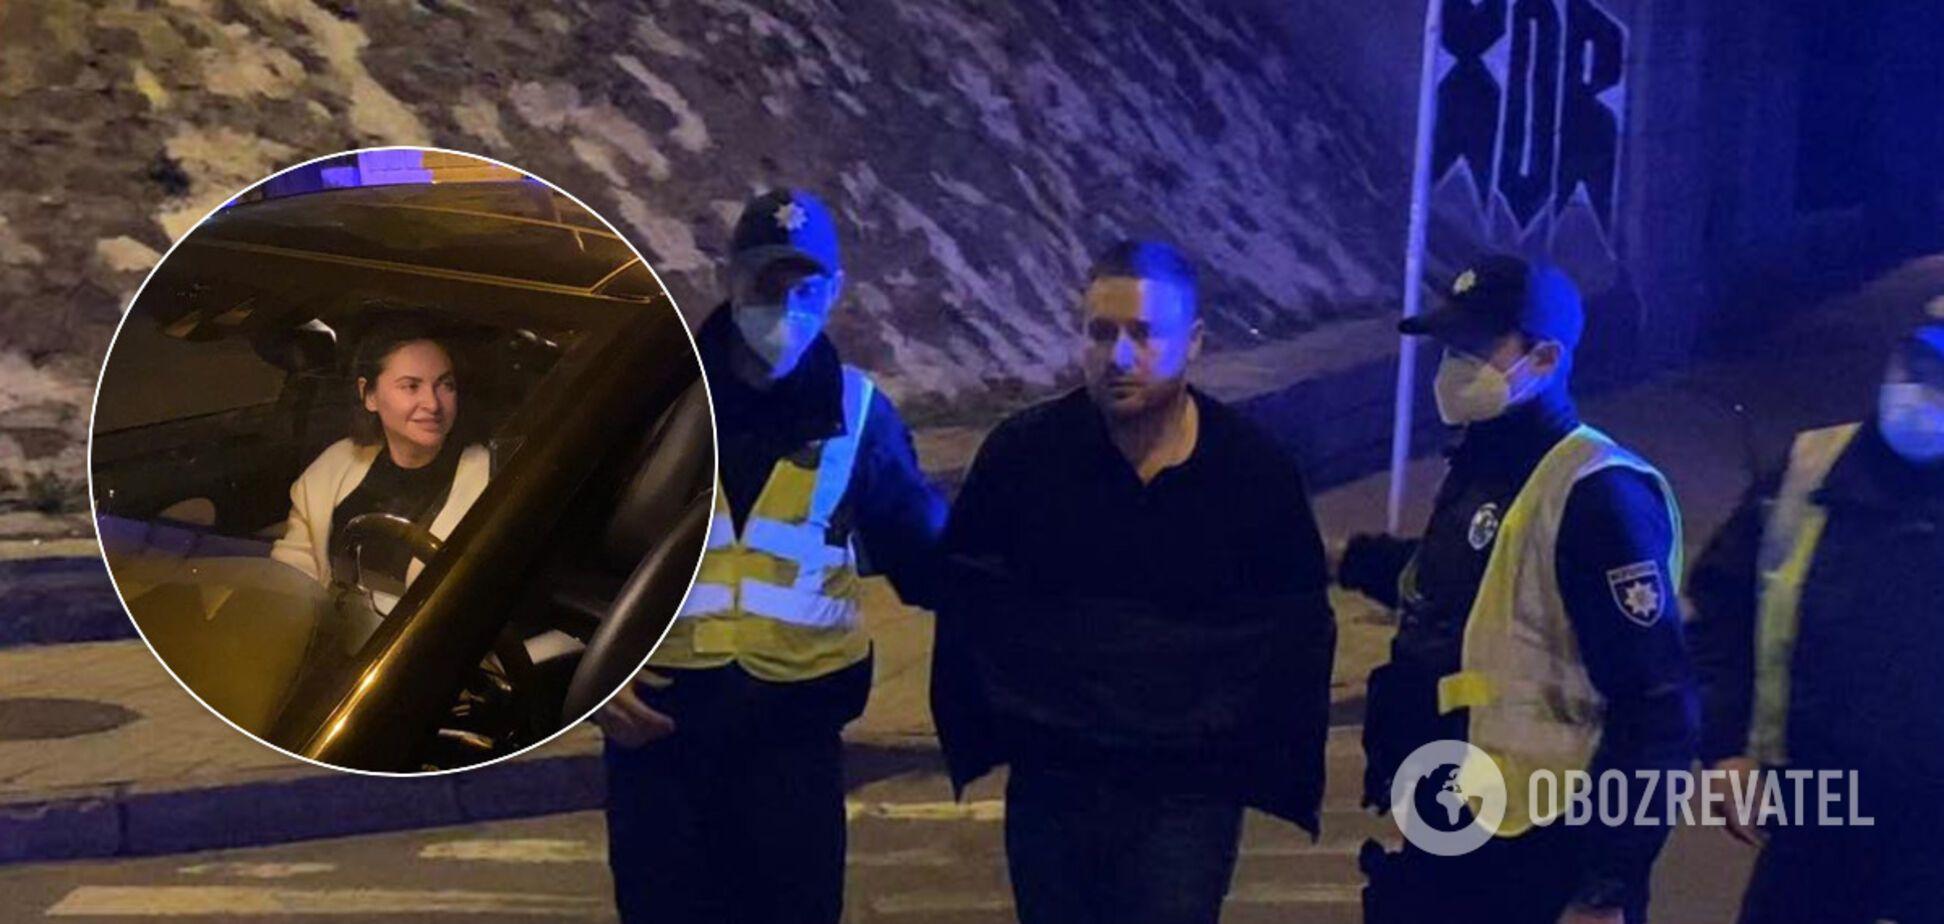 З'явилося відео бійки топчиновника КМДА з поліцейськими